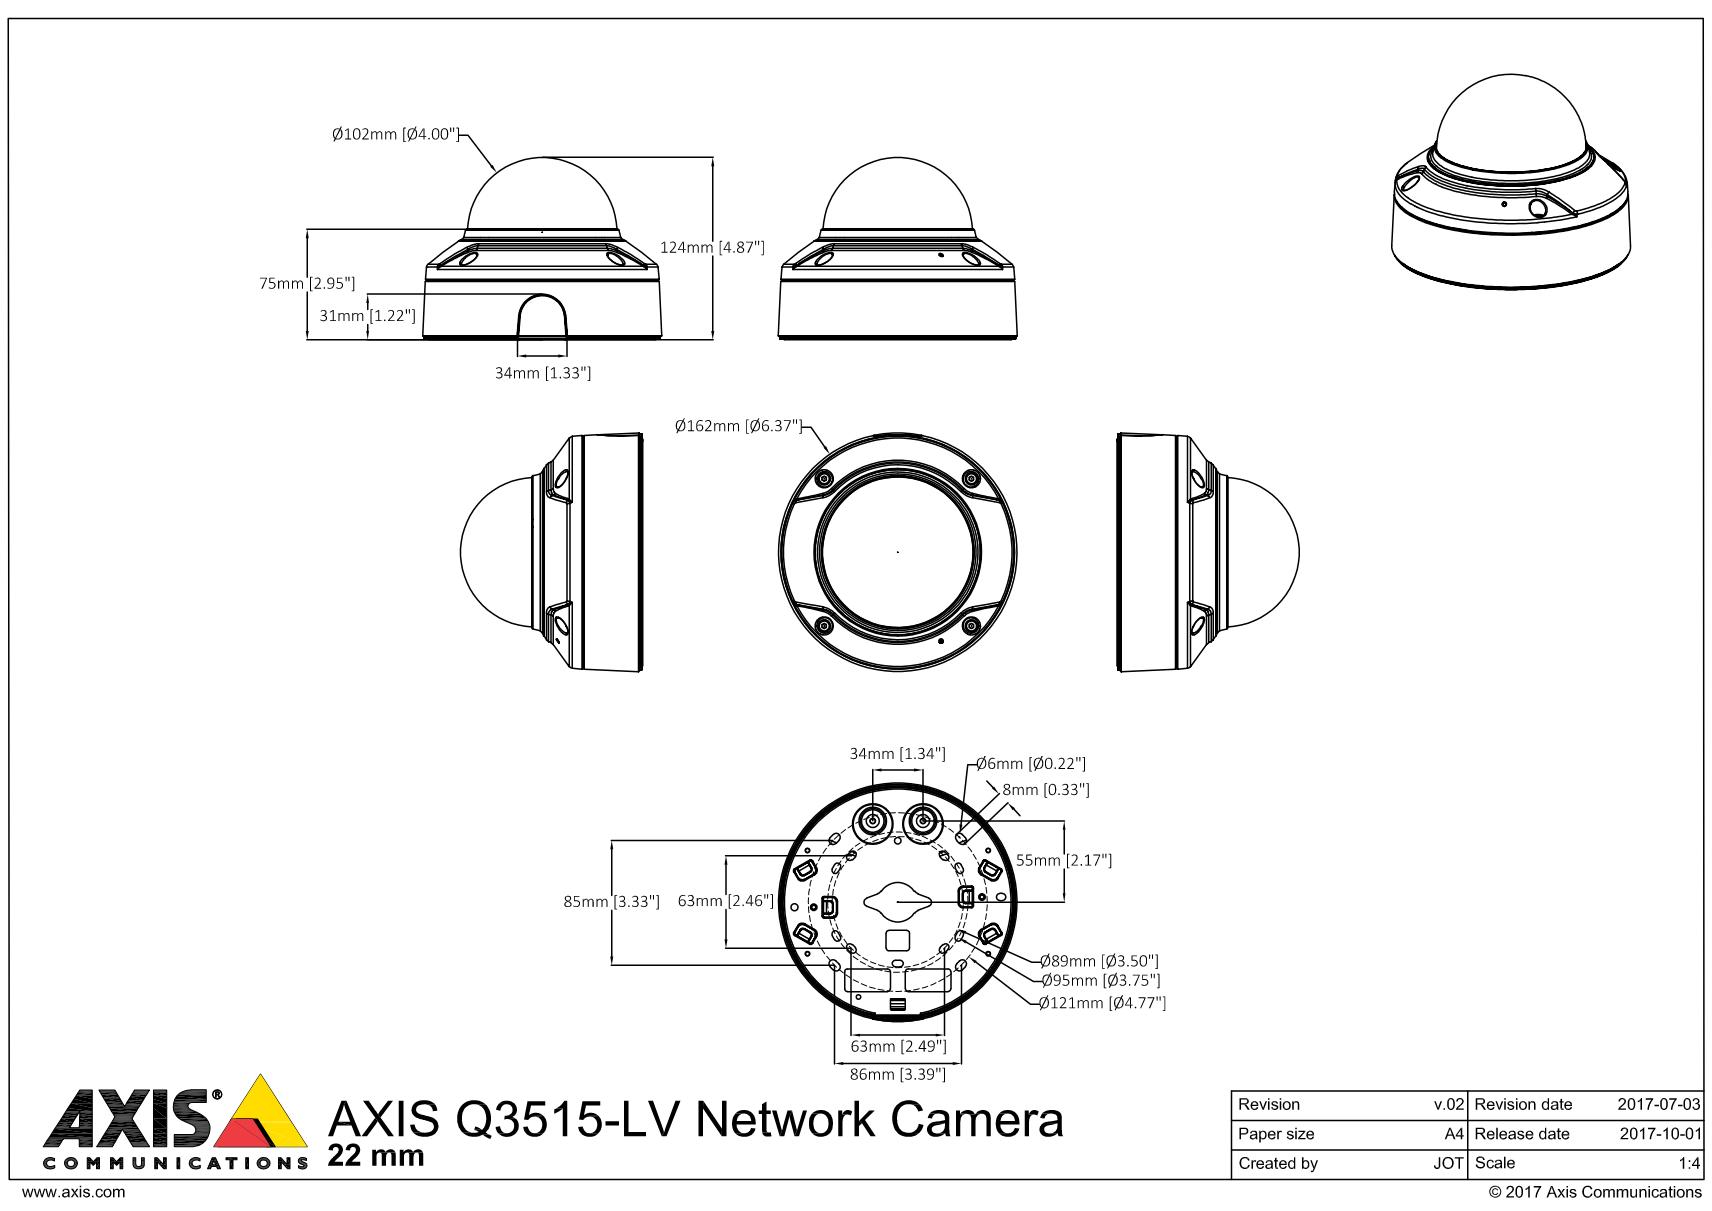 Q3515-LV Dimensions